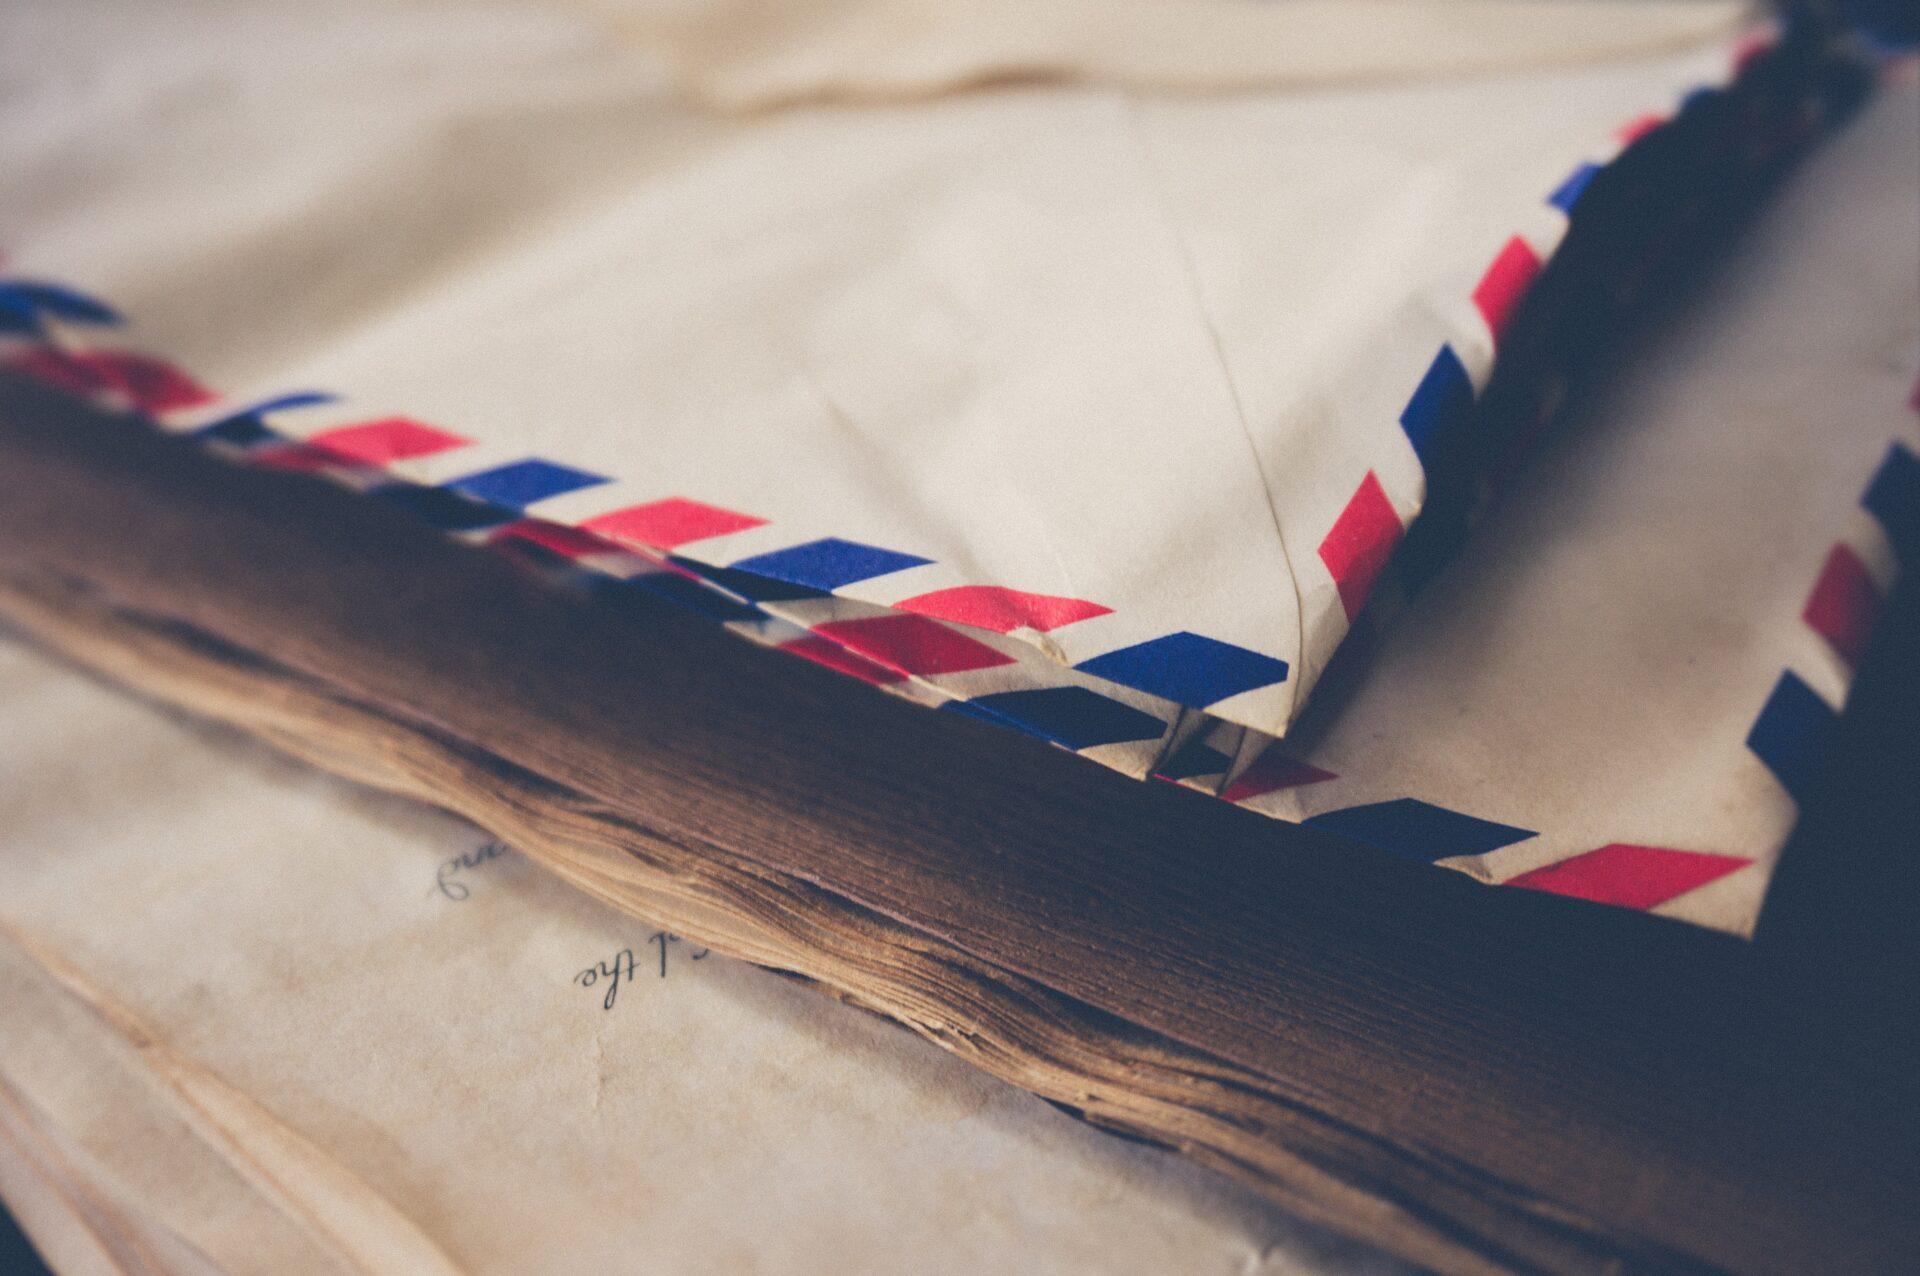 メルカリやラクマで人気のある発送方法!普通郵便の特徴や利用方法とは?